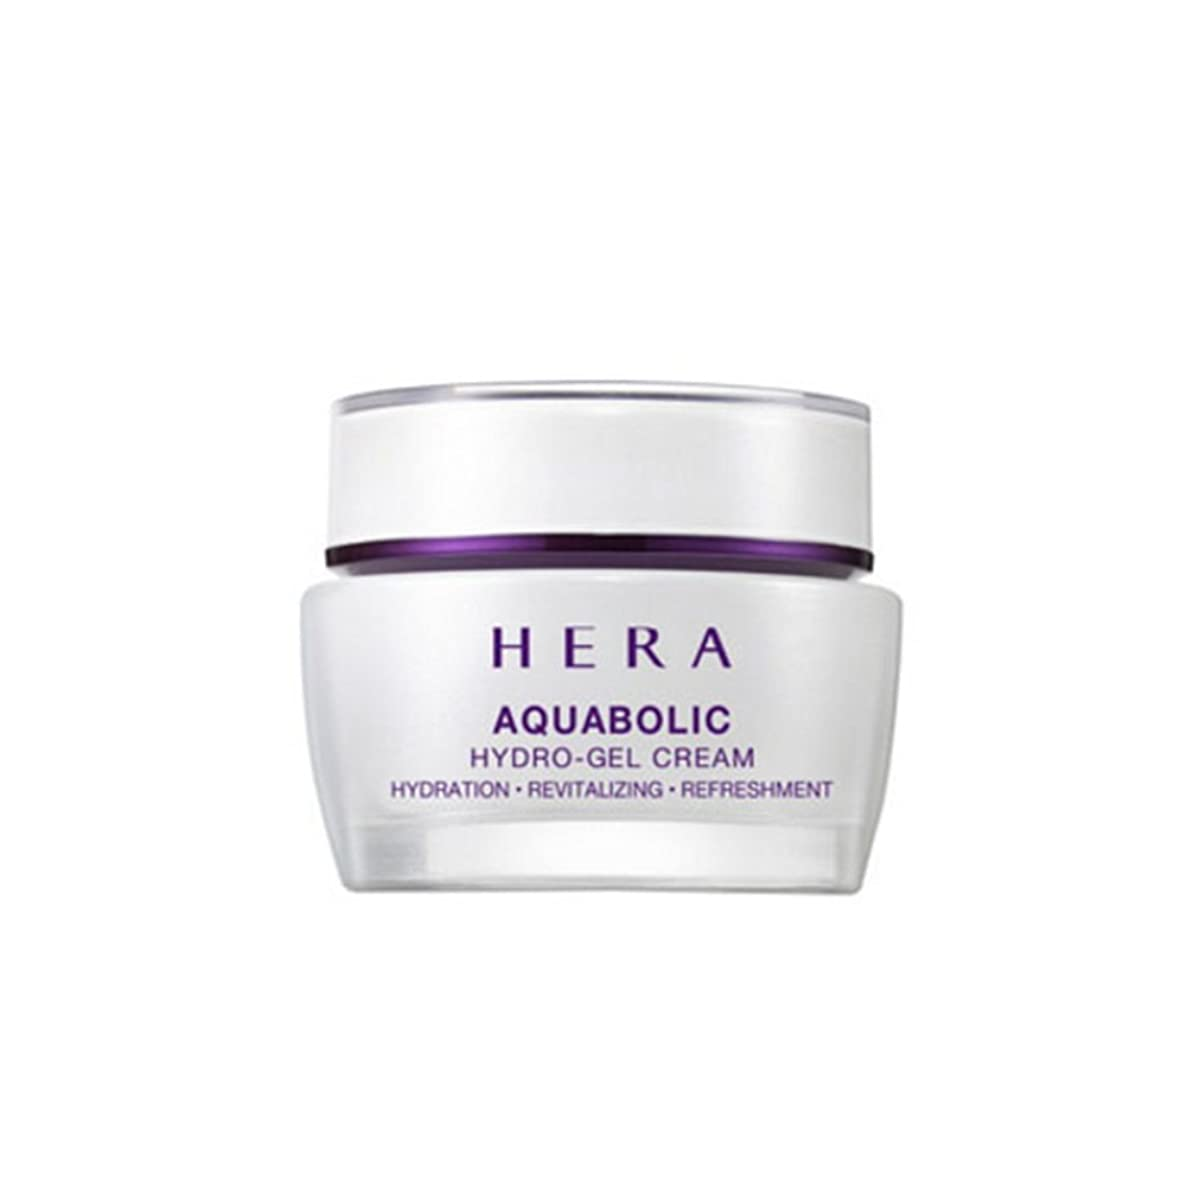 (ヘラ) HERA Aquabolic Hydro-Gel Cream アクアボリックハイドロゲル クリーム (韓国直発送) oopspanda